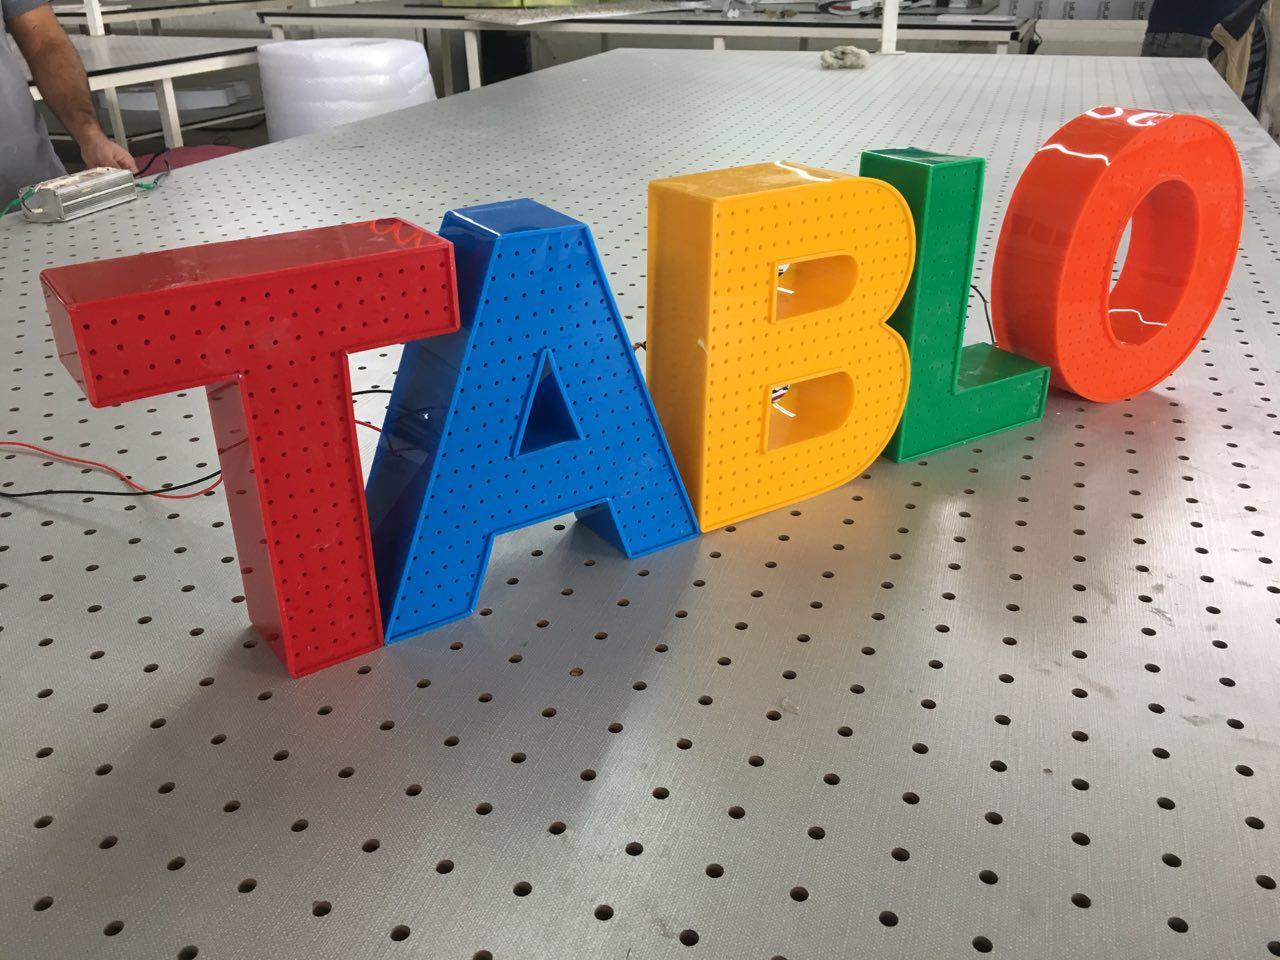 تابلوسازی حروف پلاستیک